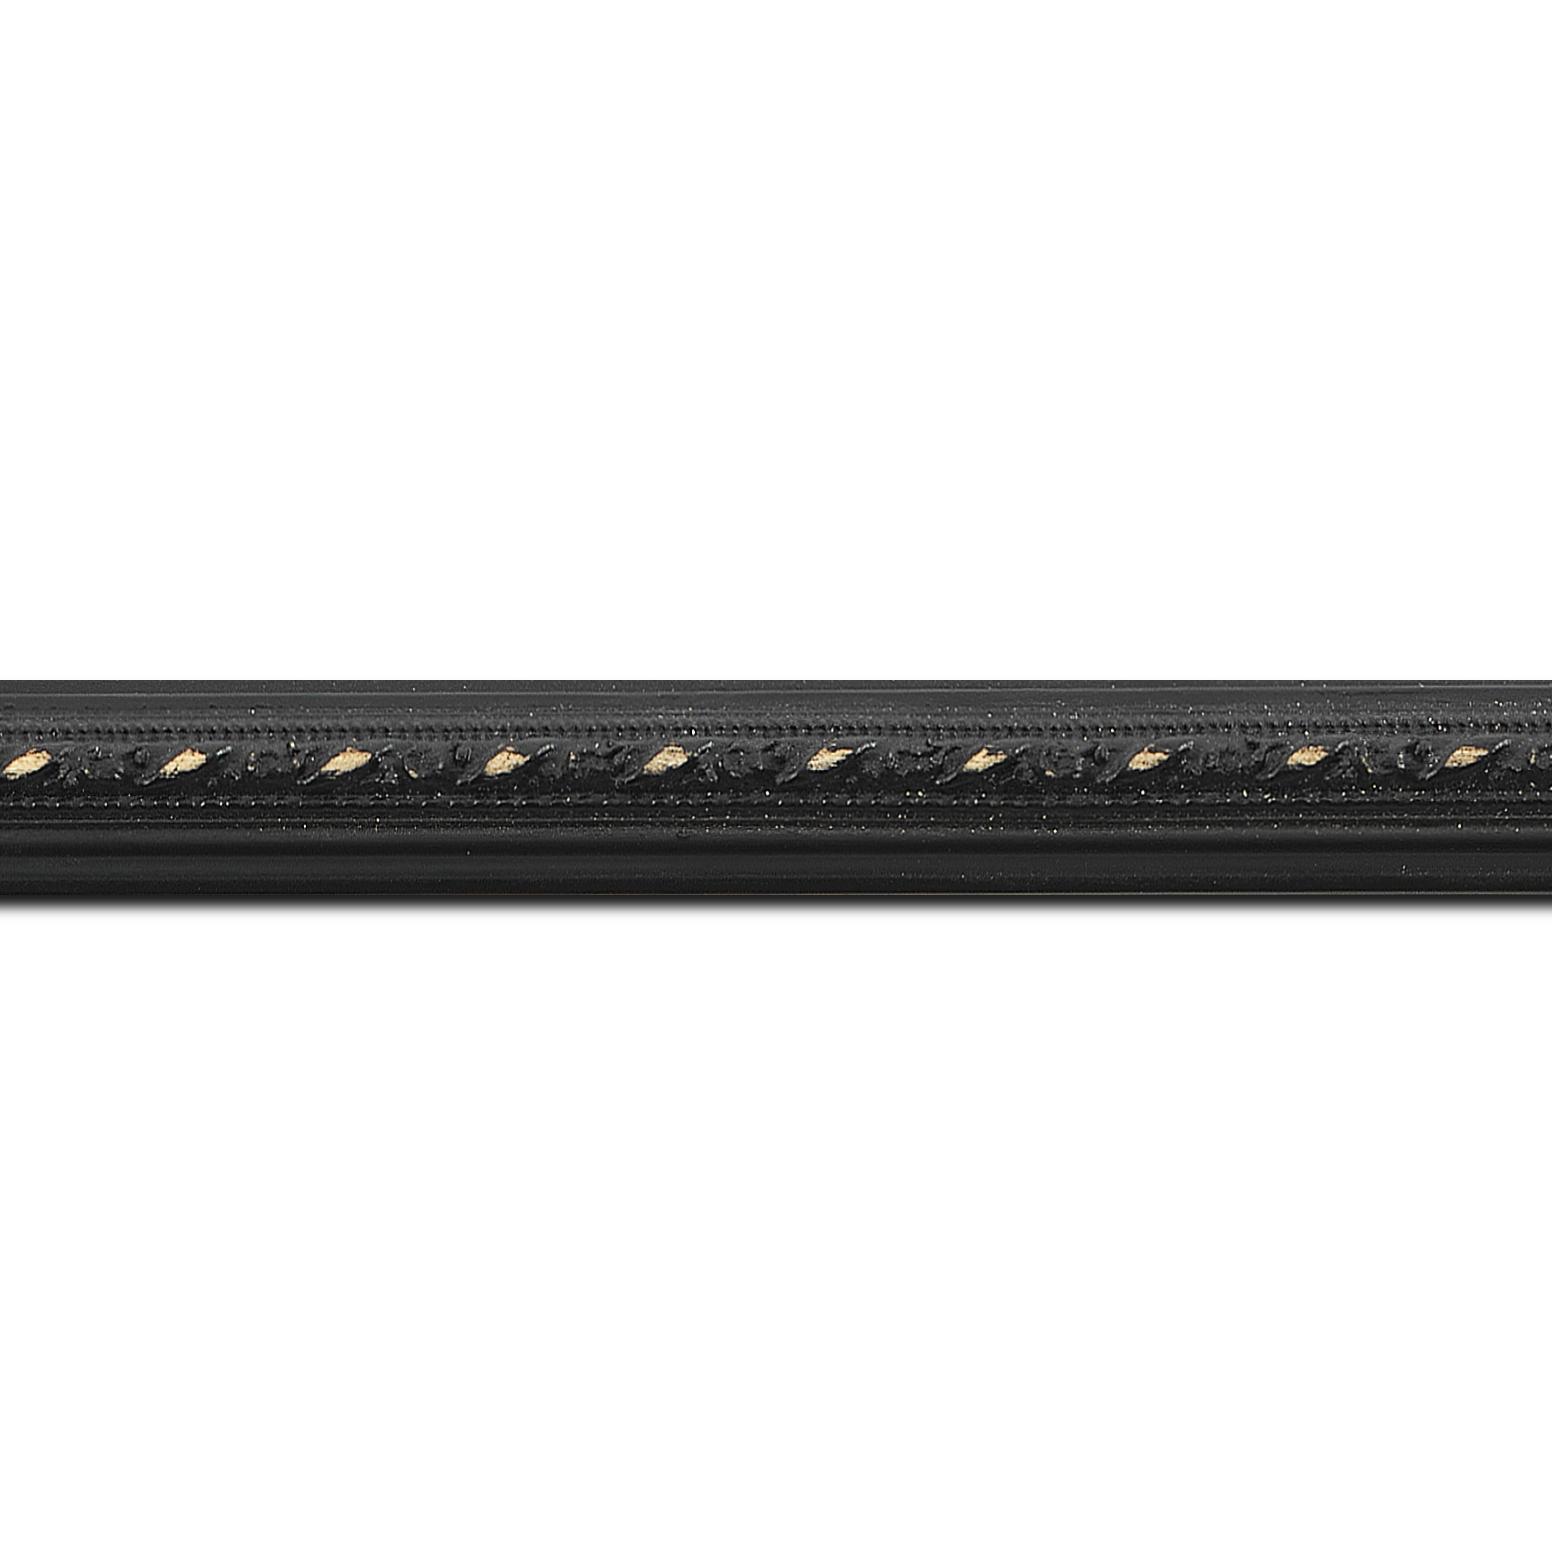 Baguette longueur 1.40m bois profil bombé largeur 2cm couleur noir antique style